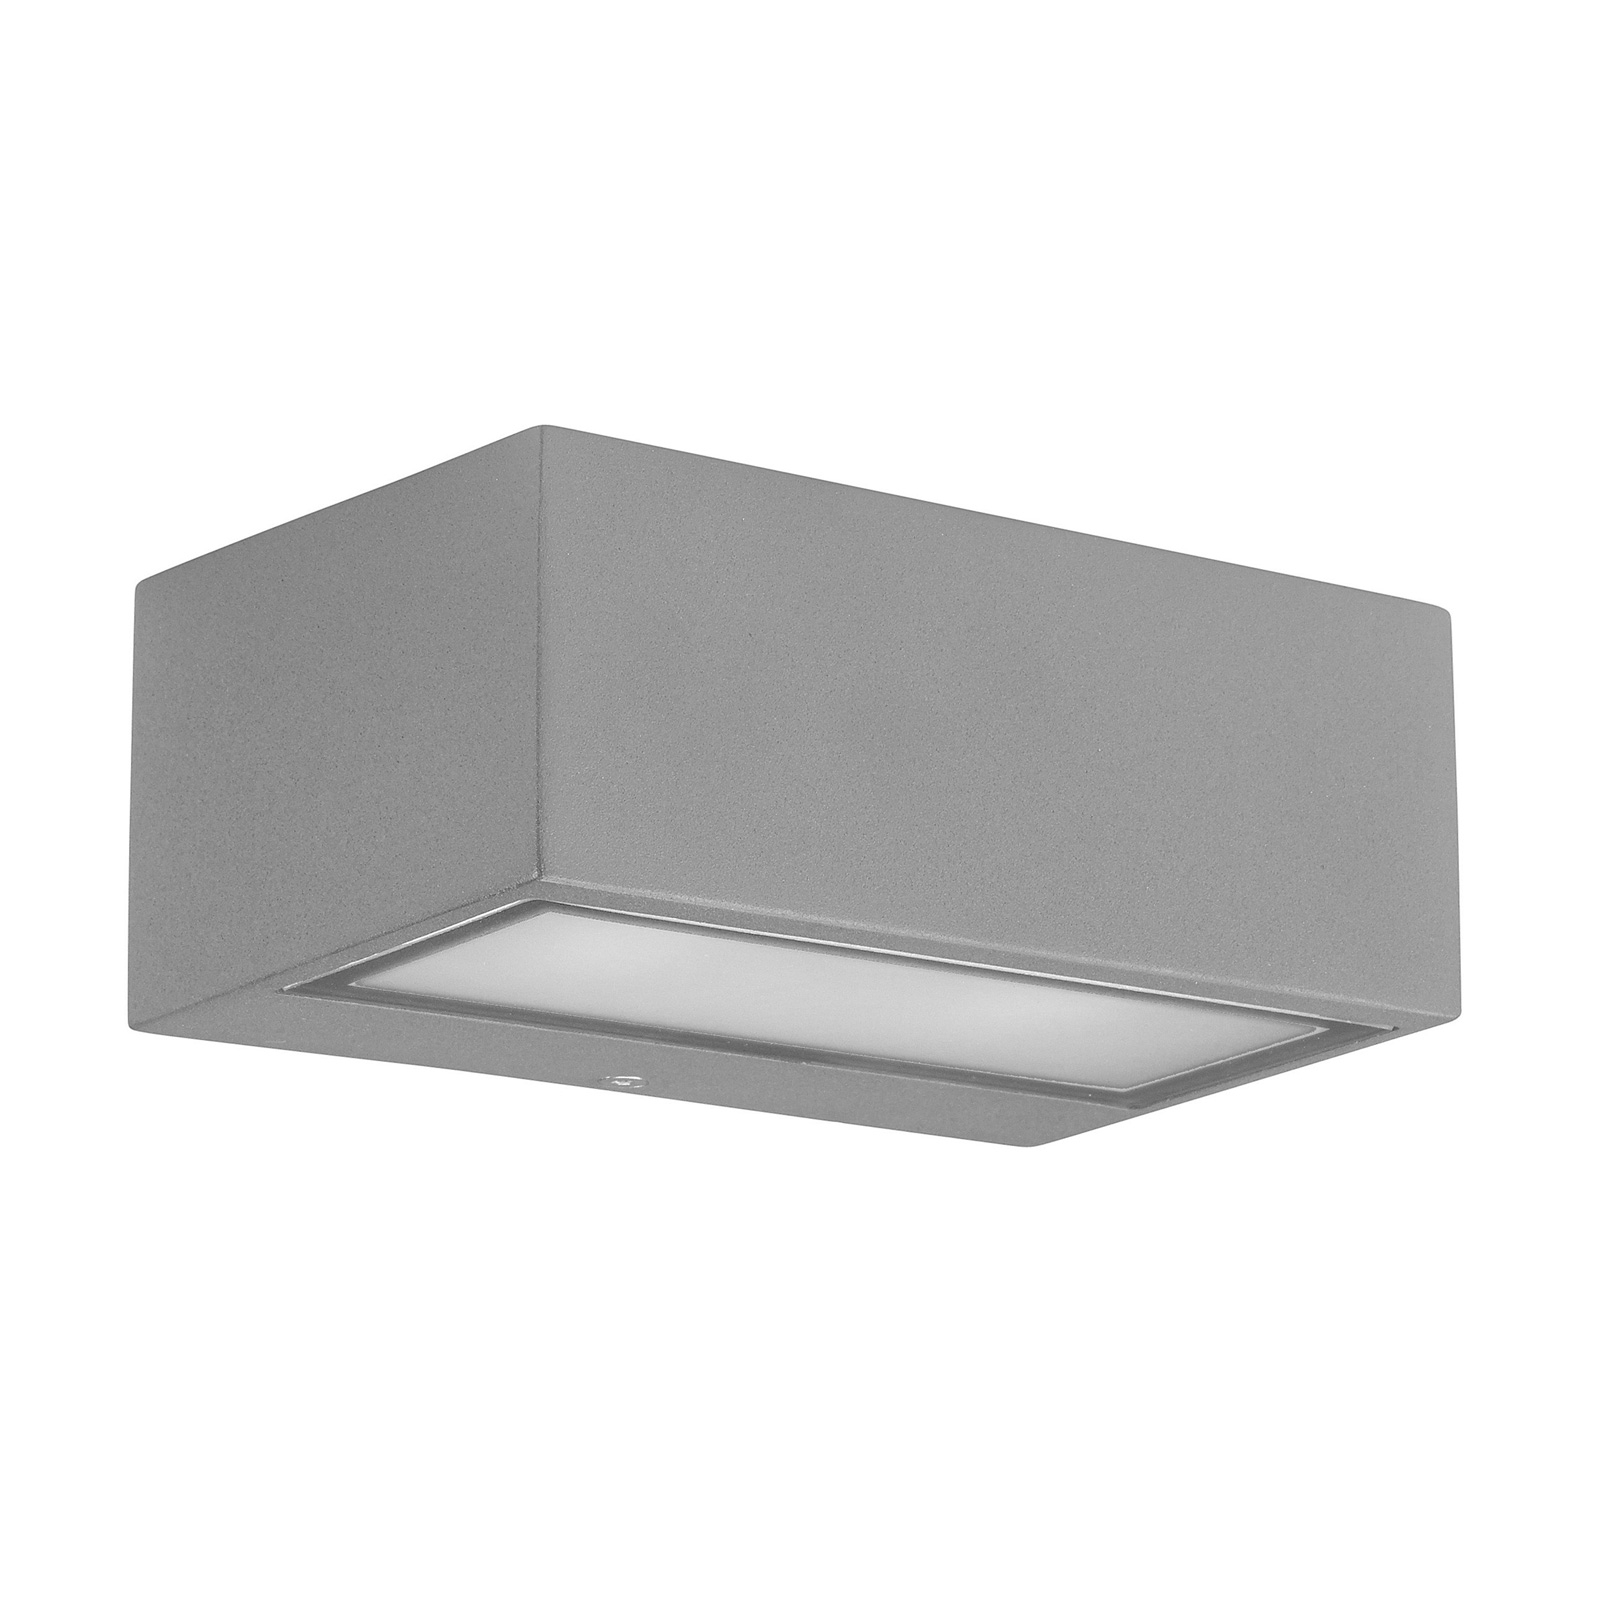 LEDS-C4 Nemesis nástěnné světlo venkovní, šedá